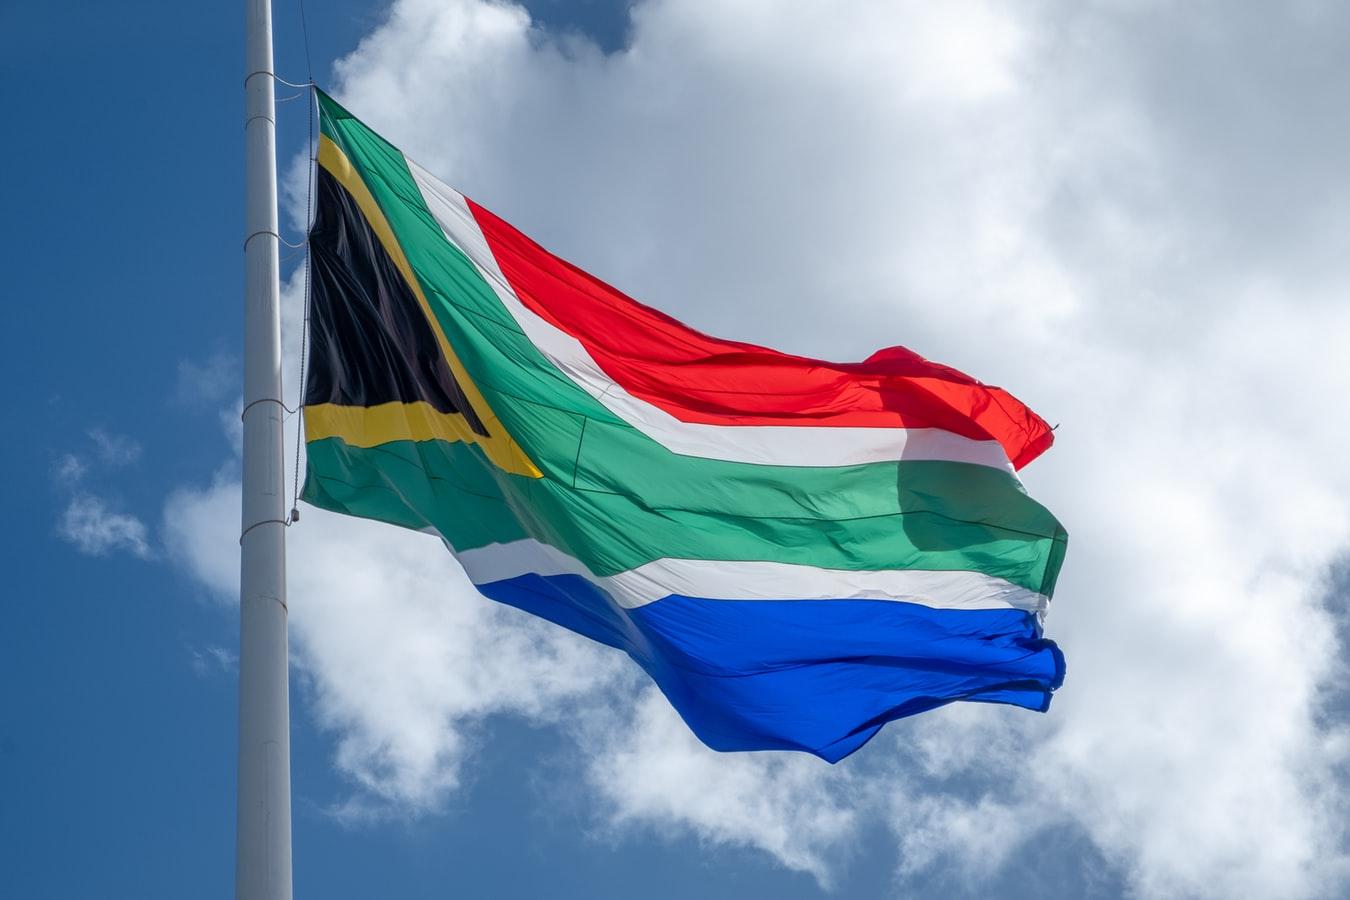 跨境电商 | 支付环境相对传统的南非,常用什么支付方式?